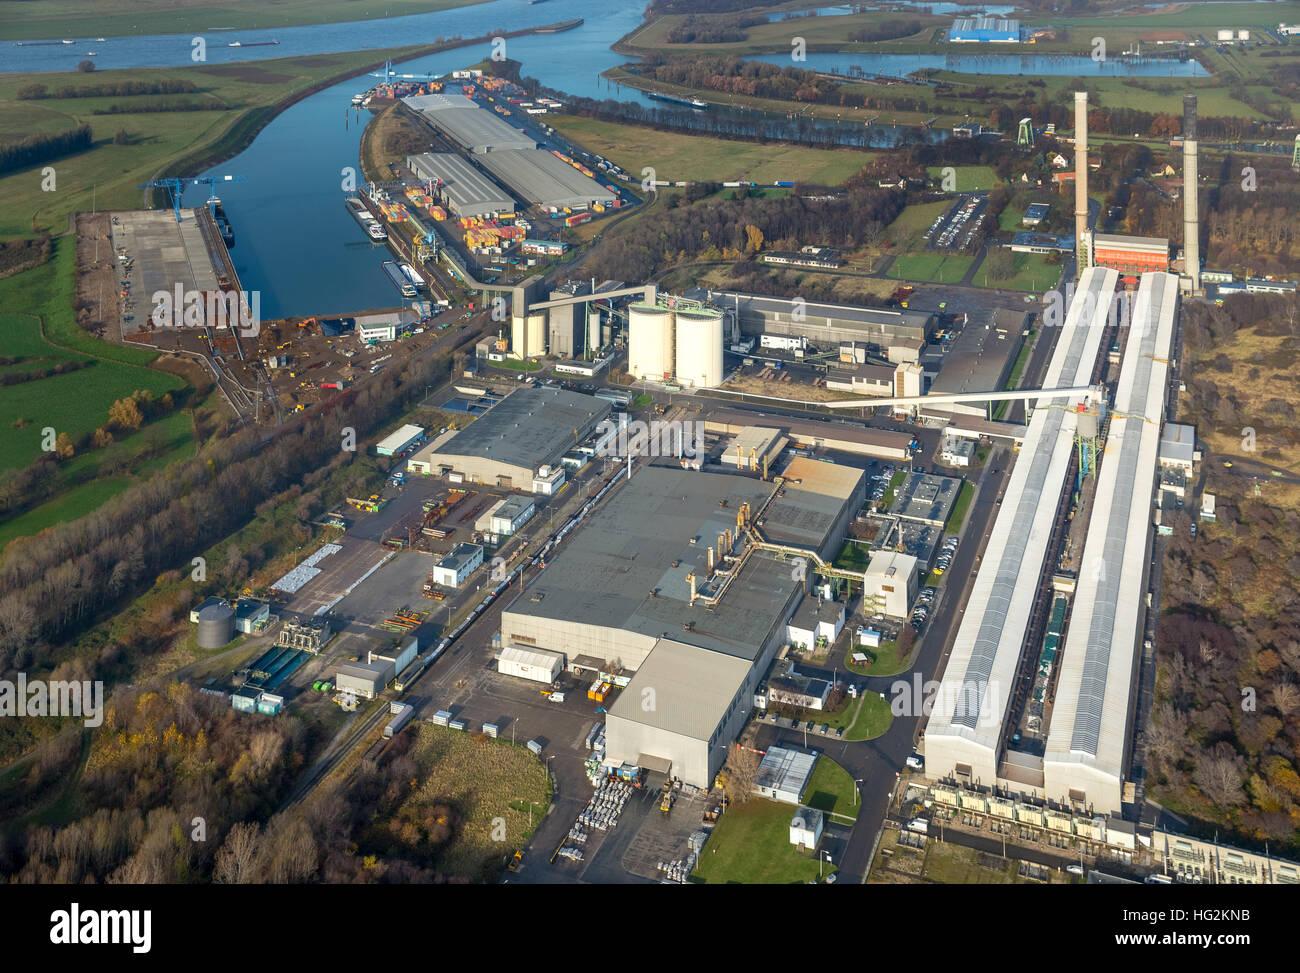 Aerial view, TRIMET Aluminium SE, aluminum plant, Friedrichsfeld, Voerde, Ruhr area, north rhine-westphalia, Ruhr - Stock Image